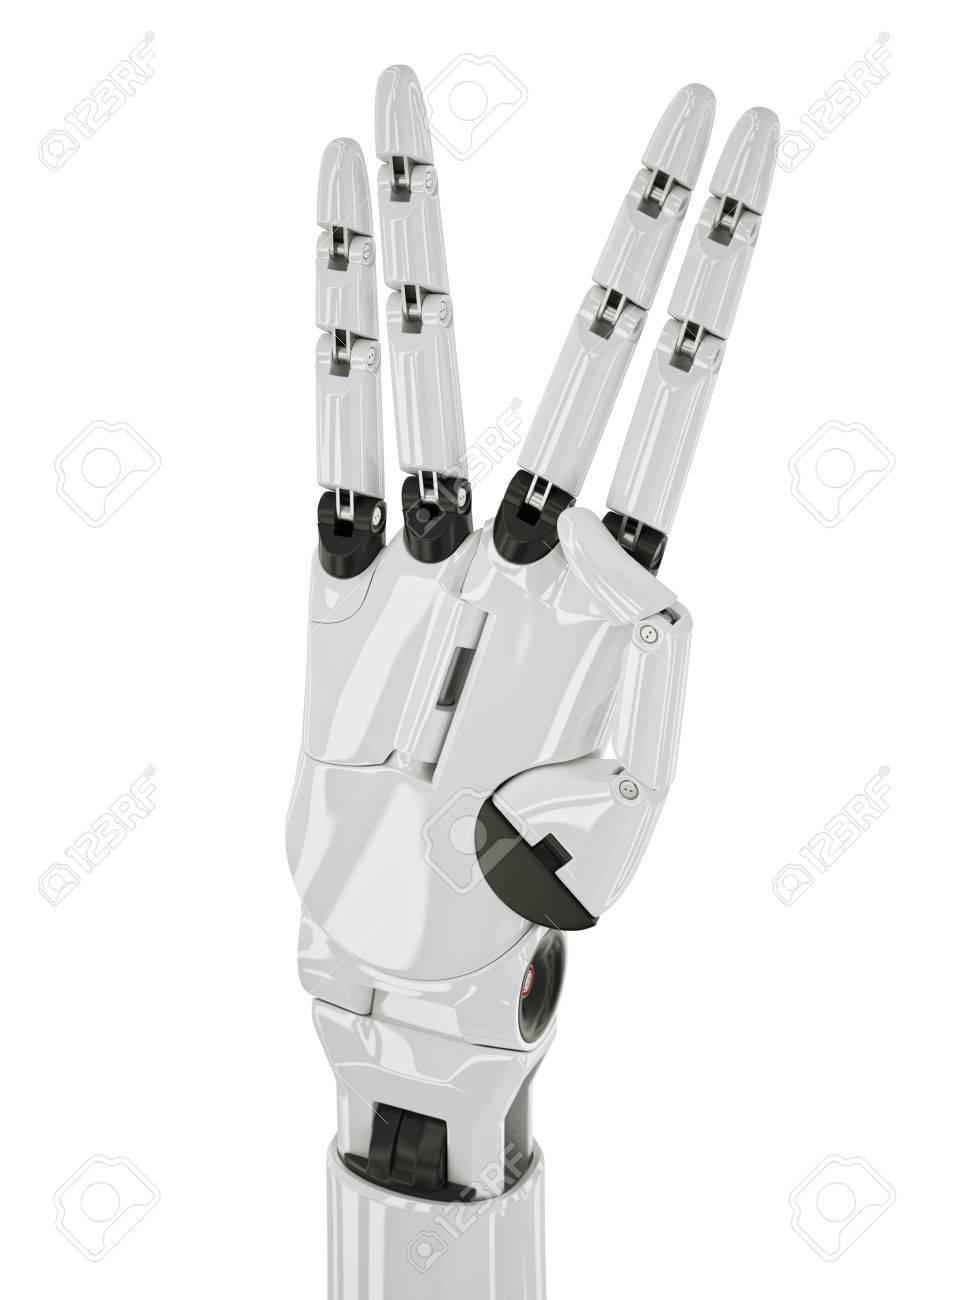 45fd3882e112 Banque d images - Robot Gestes longue vie et prospérité Concept  Illustration 3d isolé sur blanc